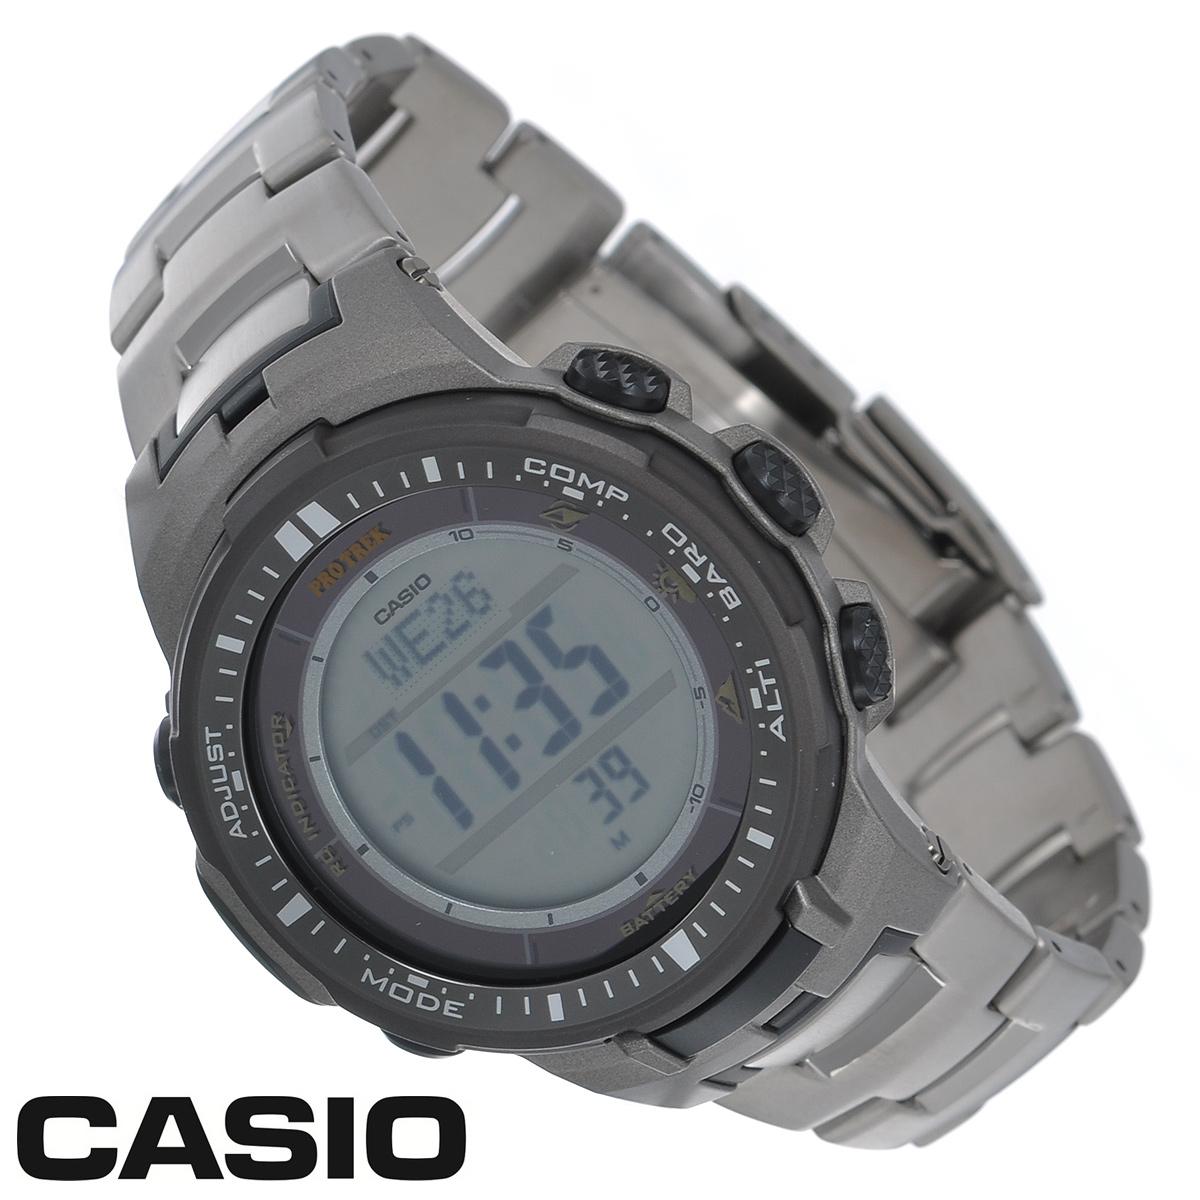 Часы мужские наручные Casio Protrek, цвет: титановый. PRW-3000T-7EPRW-3000T-7EСтильные кварцевые часы Protrek от японского брэнда Casio - это яркий функциональный аксессуар для современных людей, которые стремятся выделиться из толпы и подчеркнуть свою индивидуальность. Часы выполнены в спортивном стиле. Корпус выполнен из пластика и металлических элементов. Циферблат подсвечивается светодиодом, при недостаточном освещении во время поворота запястья в сторону лица подсветка включается автоматически. Браслет из титанового сплава имеет раскладывающуюся застежку, которая расстегивается одним касанием. Основные функции: - 5 будильников, один с функцией Snooze, ежечасный сигнал; - автоматический календарь (число, день недели, месяц, год); - секундомер с точностью показаний 1/10 с и временем измерения 1000 ч; - мировое время; - таймер обратного отсчета от 1 мин до 24 ч; - 12-ти и 24-х часовой формат времени; - встроенный цифровой компас; - функция...